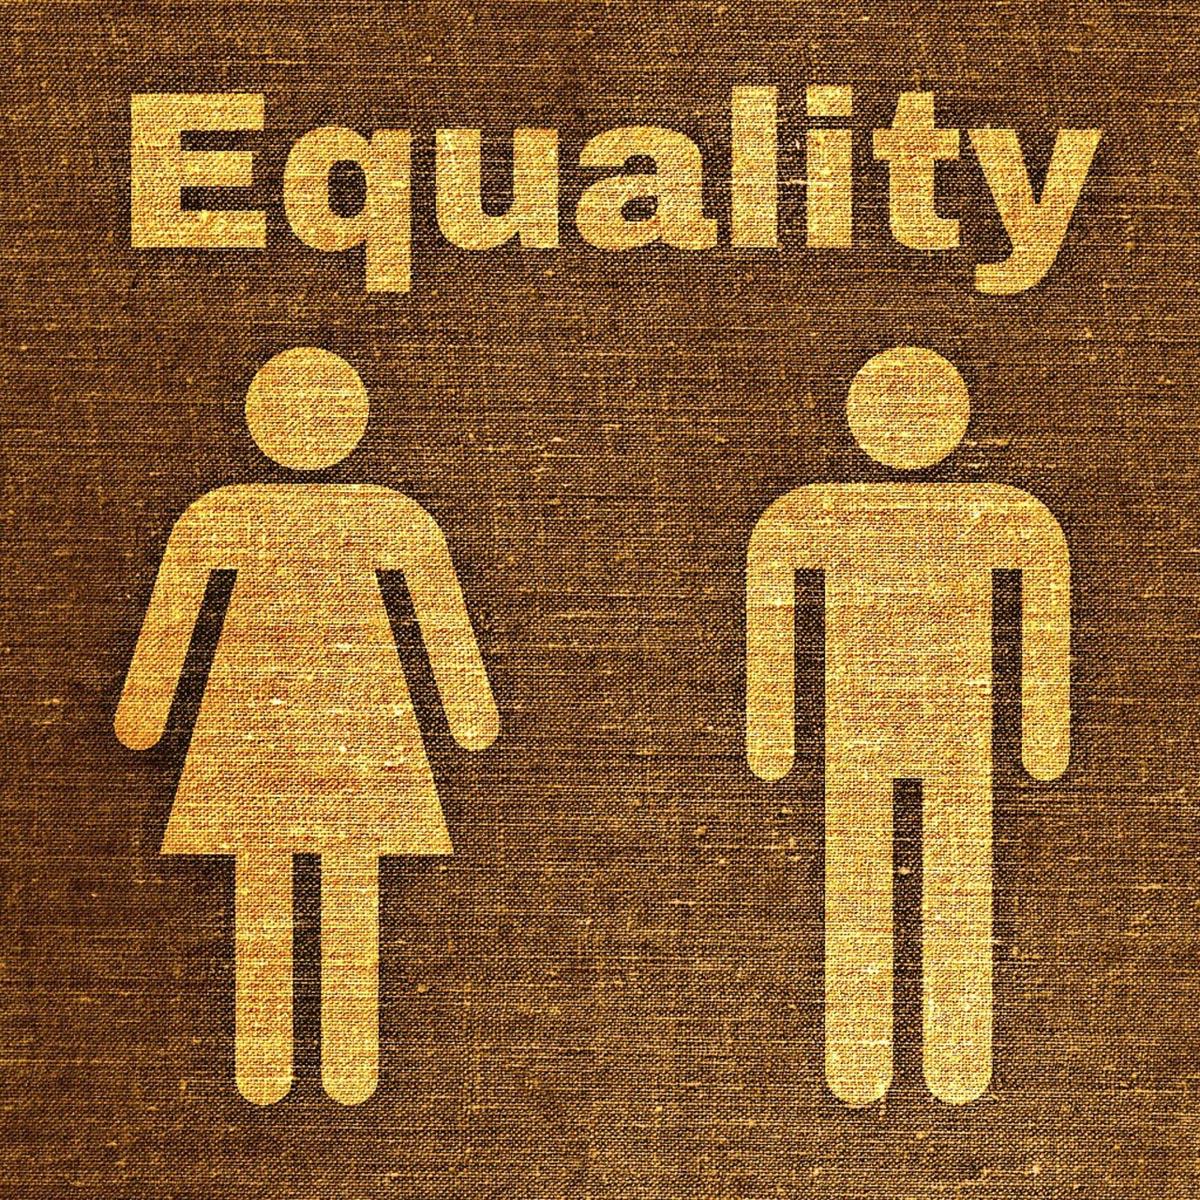 Plan igualdad 2